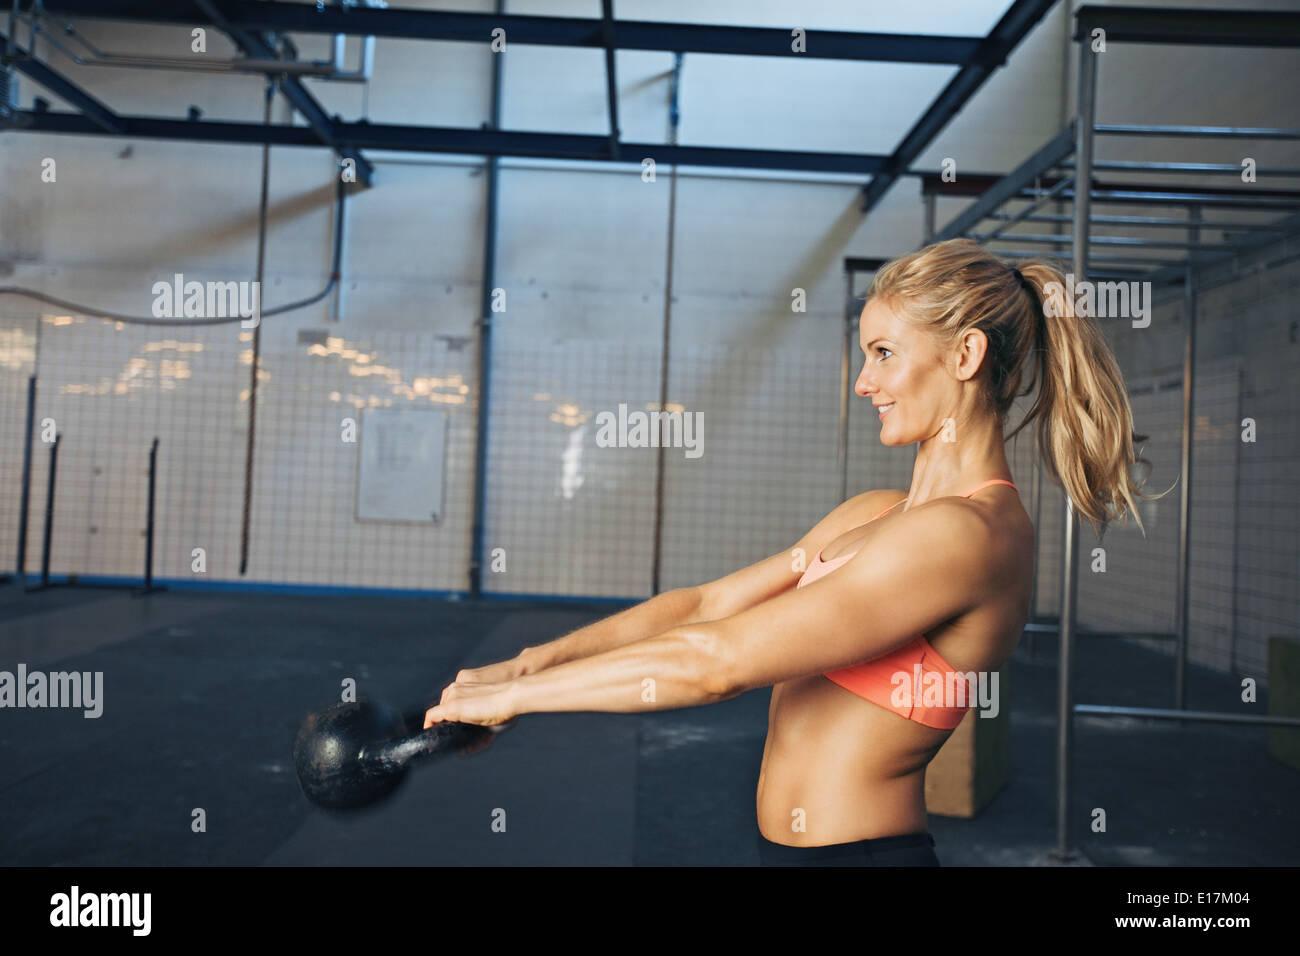 Vista lateral del joven feliz ejerciendo con hervidor bell al gimnasio. La atleta femenina crossfit caucásica haciendo ejercicio en el gimnasio. Imagen De Stock